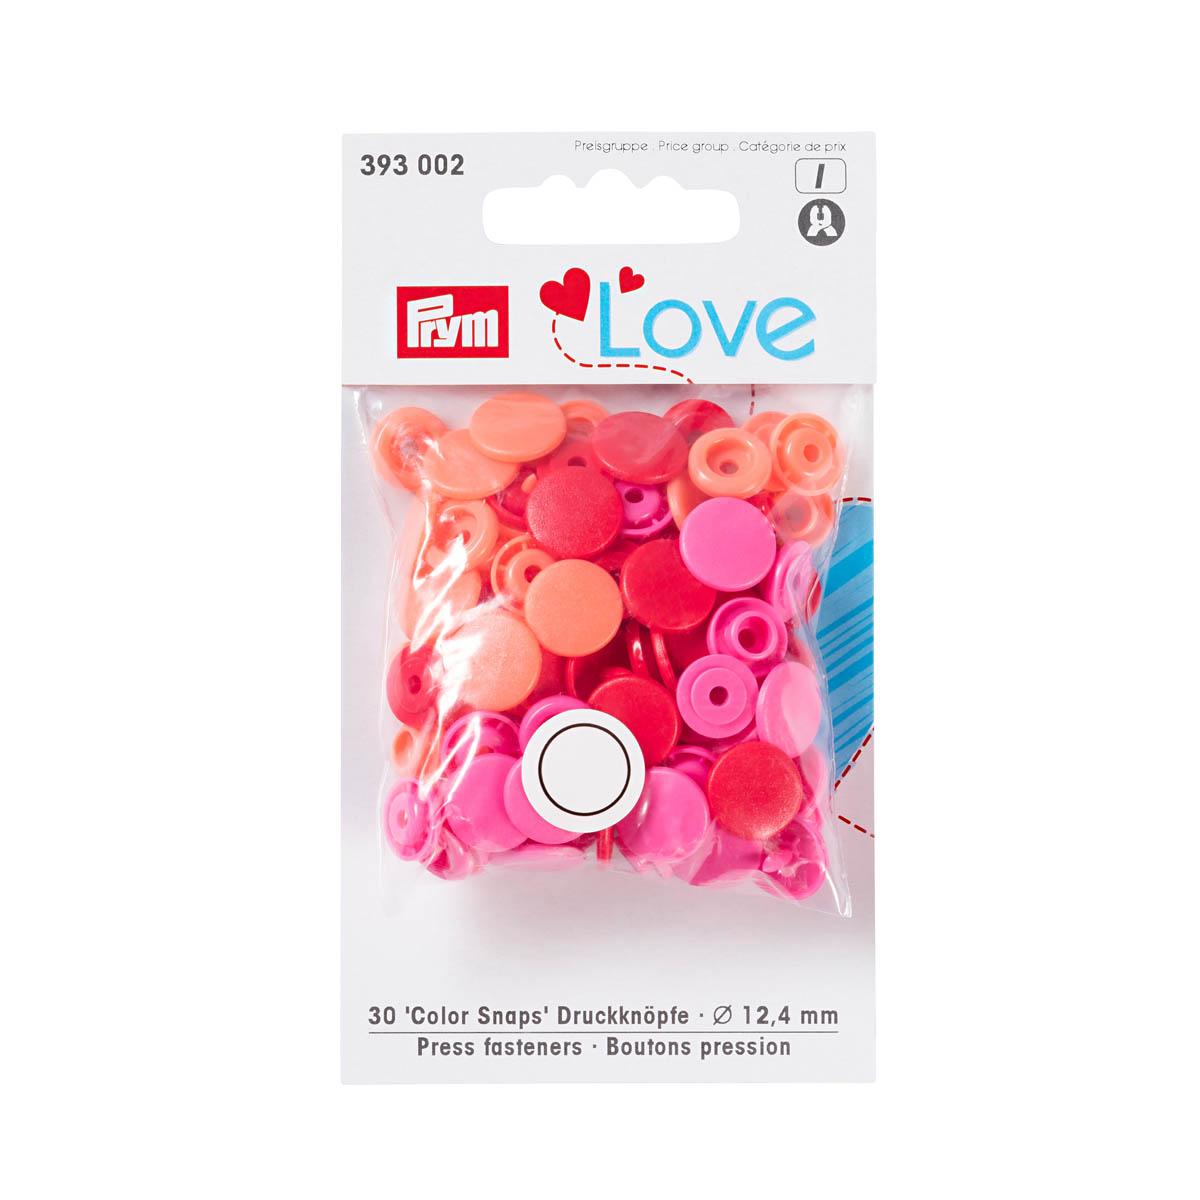 393002 Kнопки Color Snaps PrymLove, красный/розовый цв., 12мм, 30шт Prym